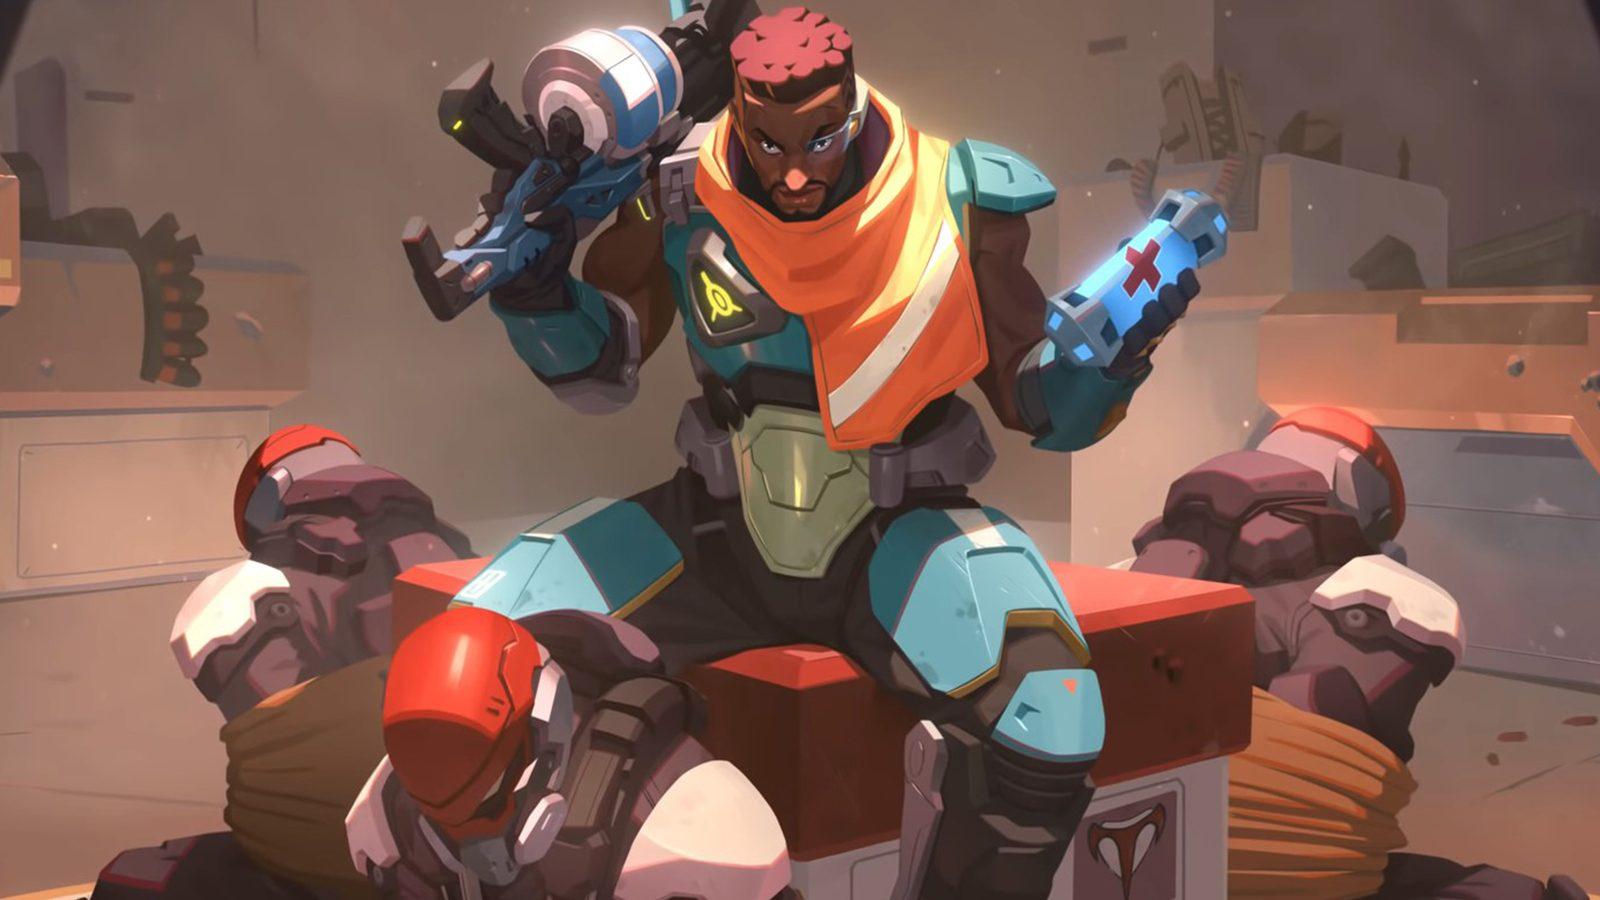 personagem inédito de Overwatch